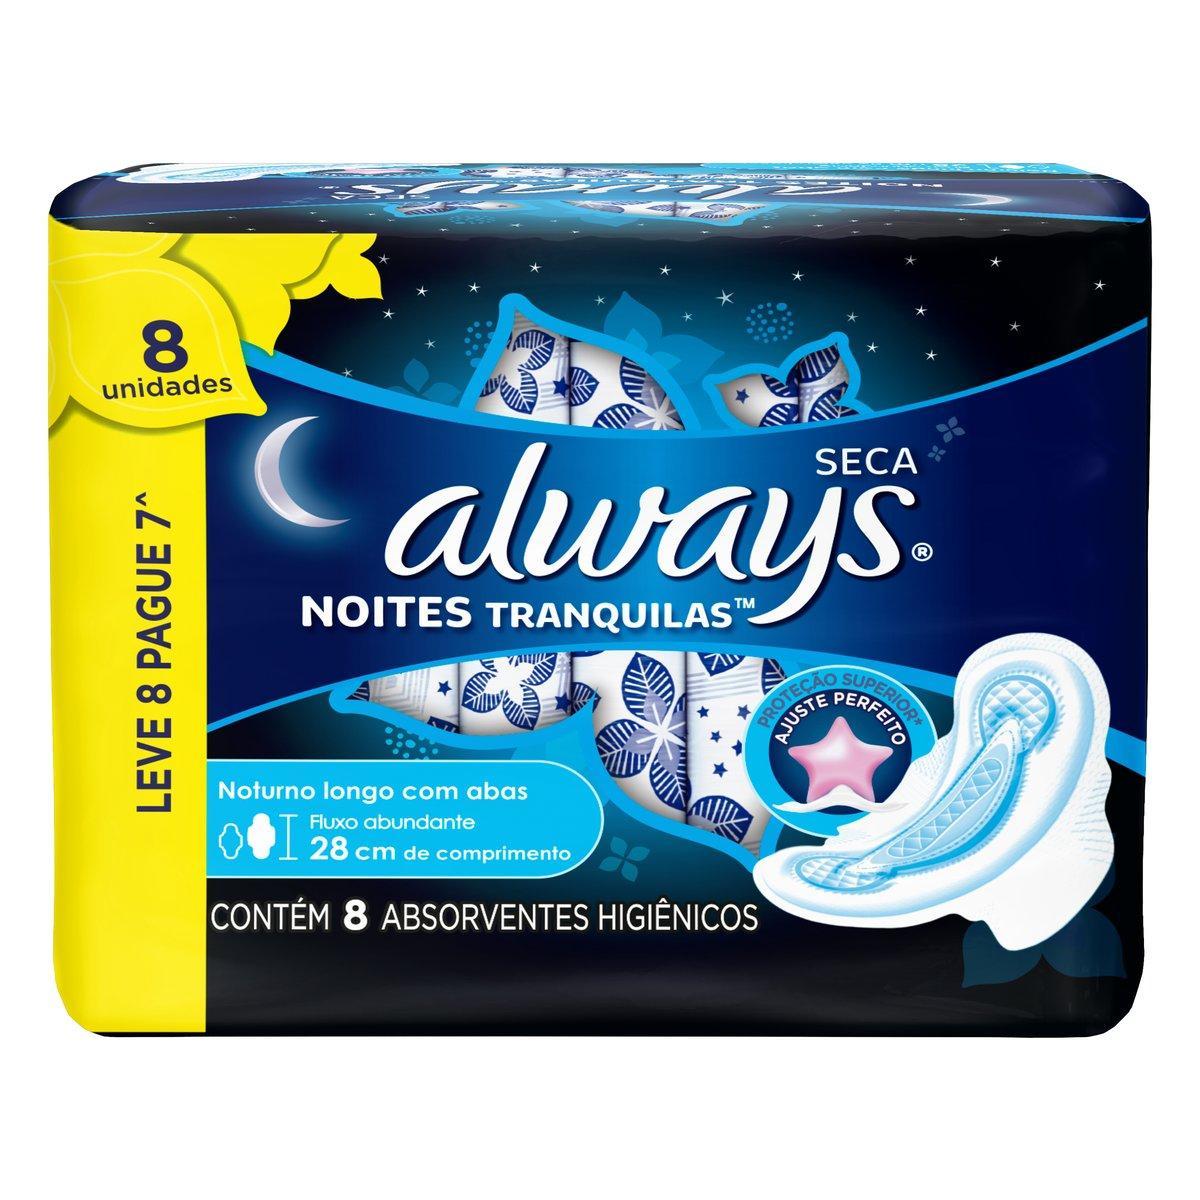 Absorvente Noturno com Abas Cobertura Seca 8 unidades Always Noites Tranquilas pacote PCT